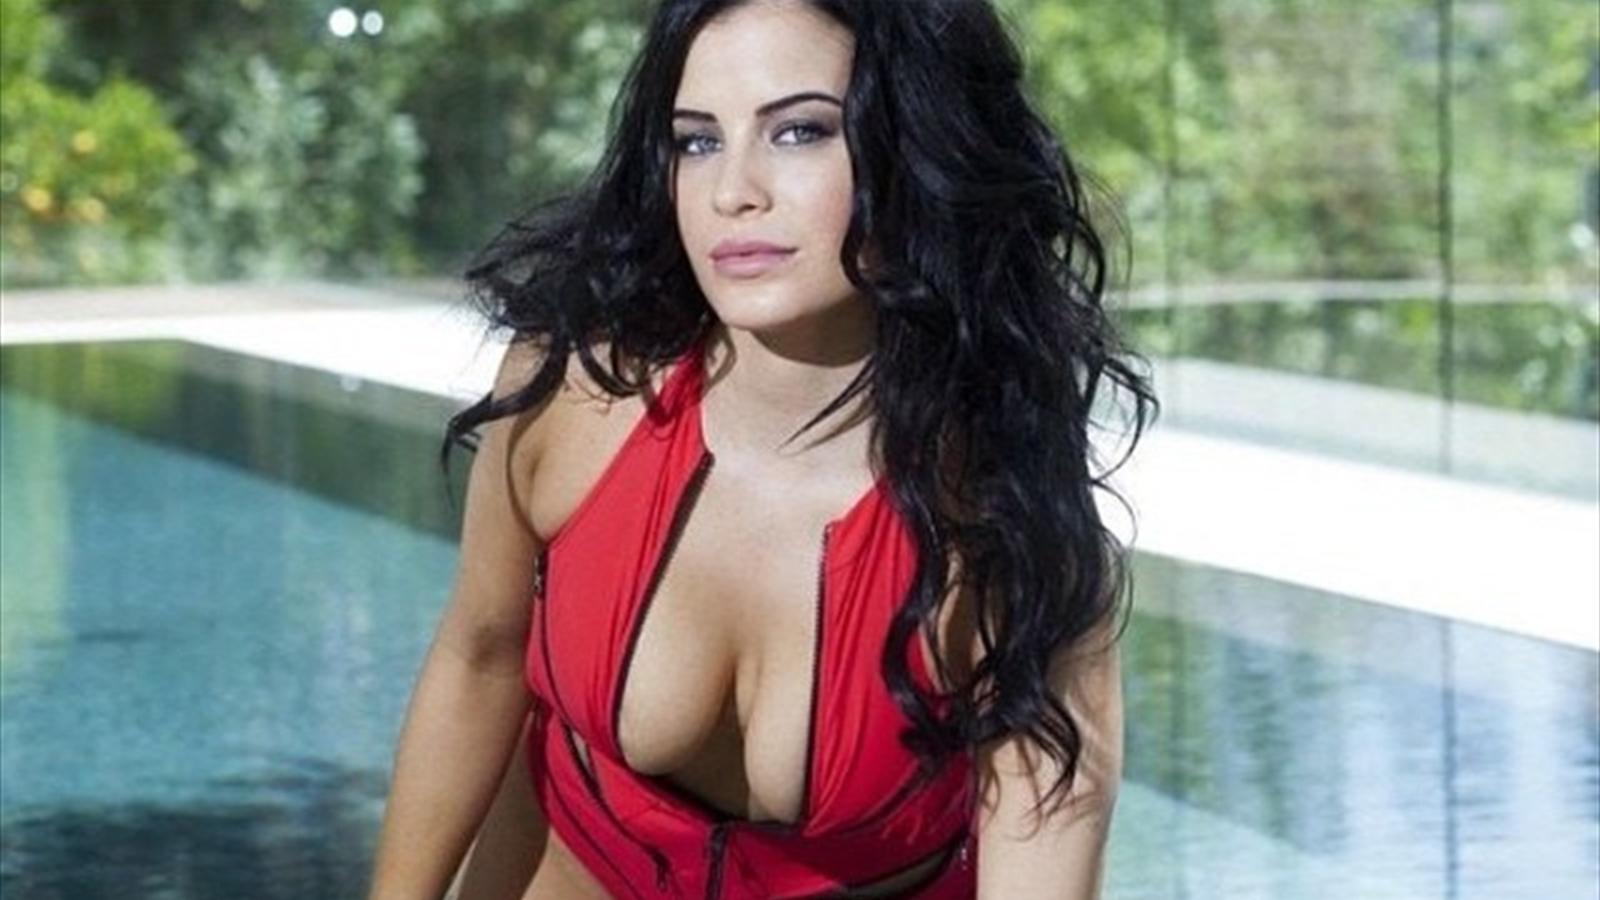 сын трахнул спящую маму порно видео онлайн, смотреть порно на Rus.Porn